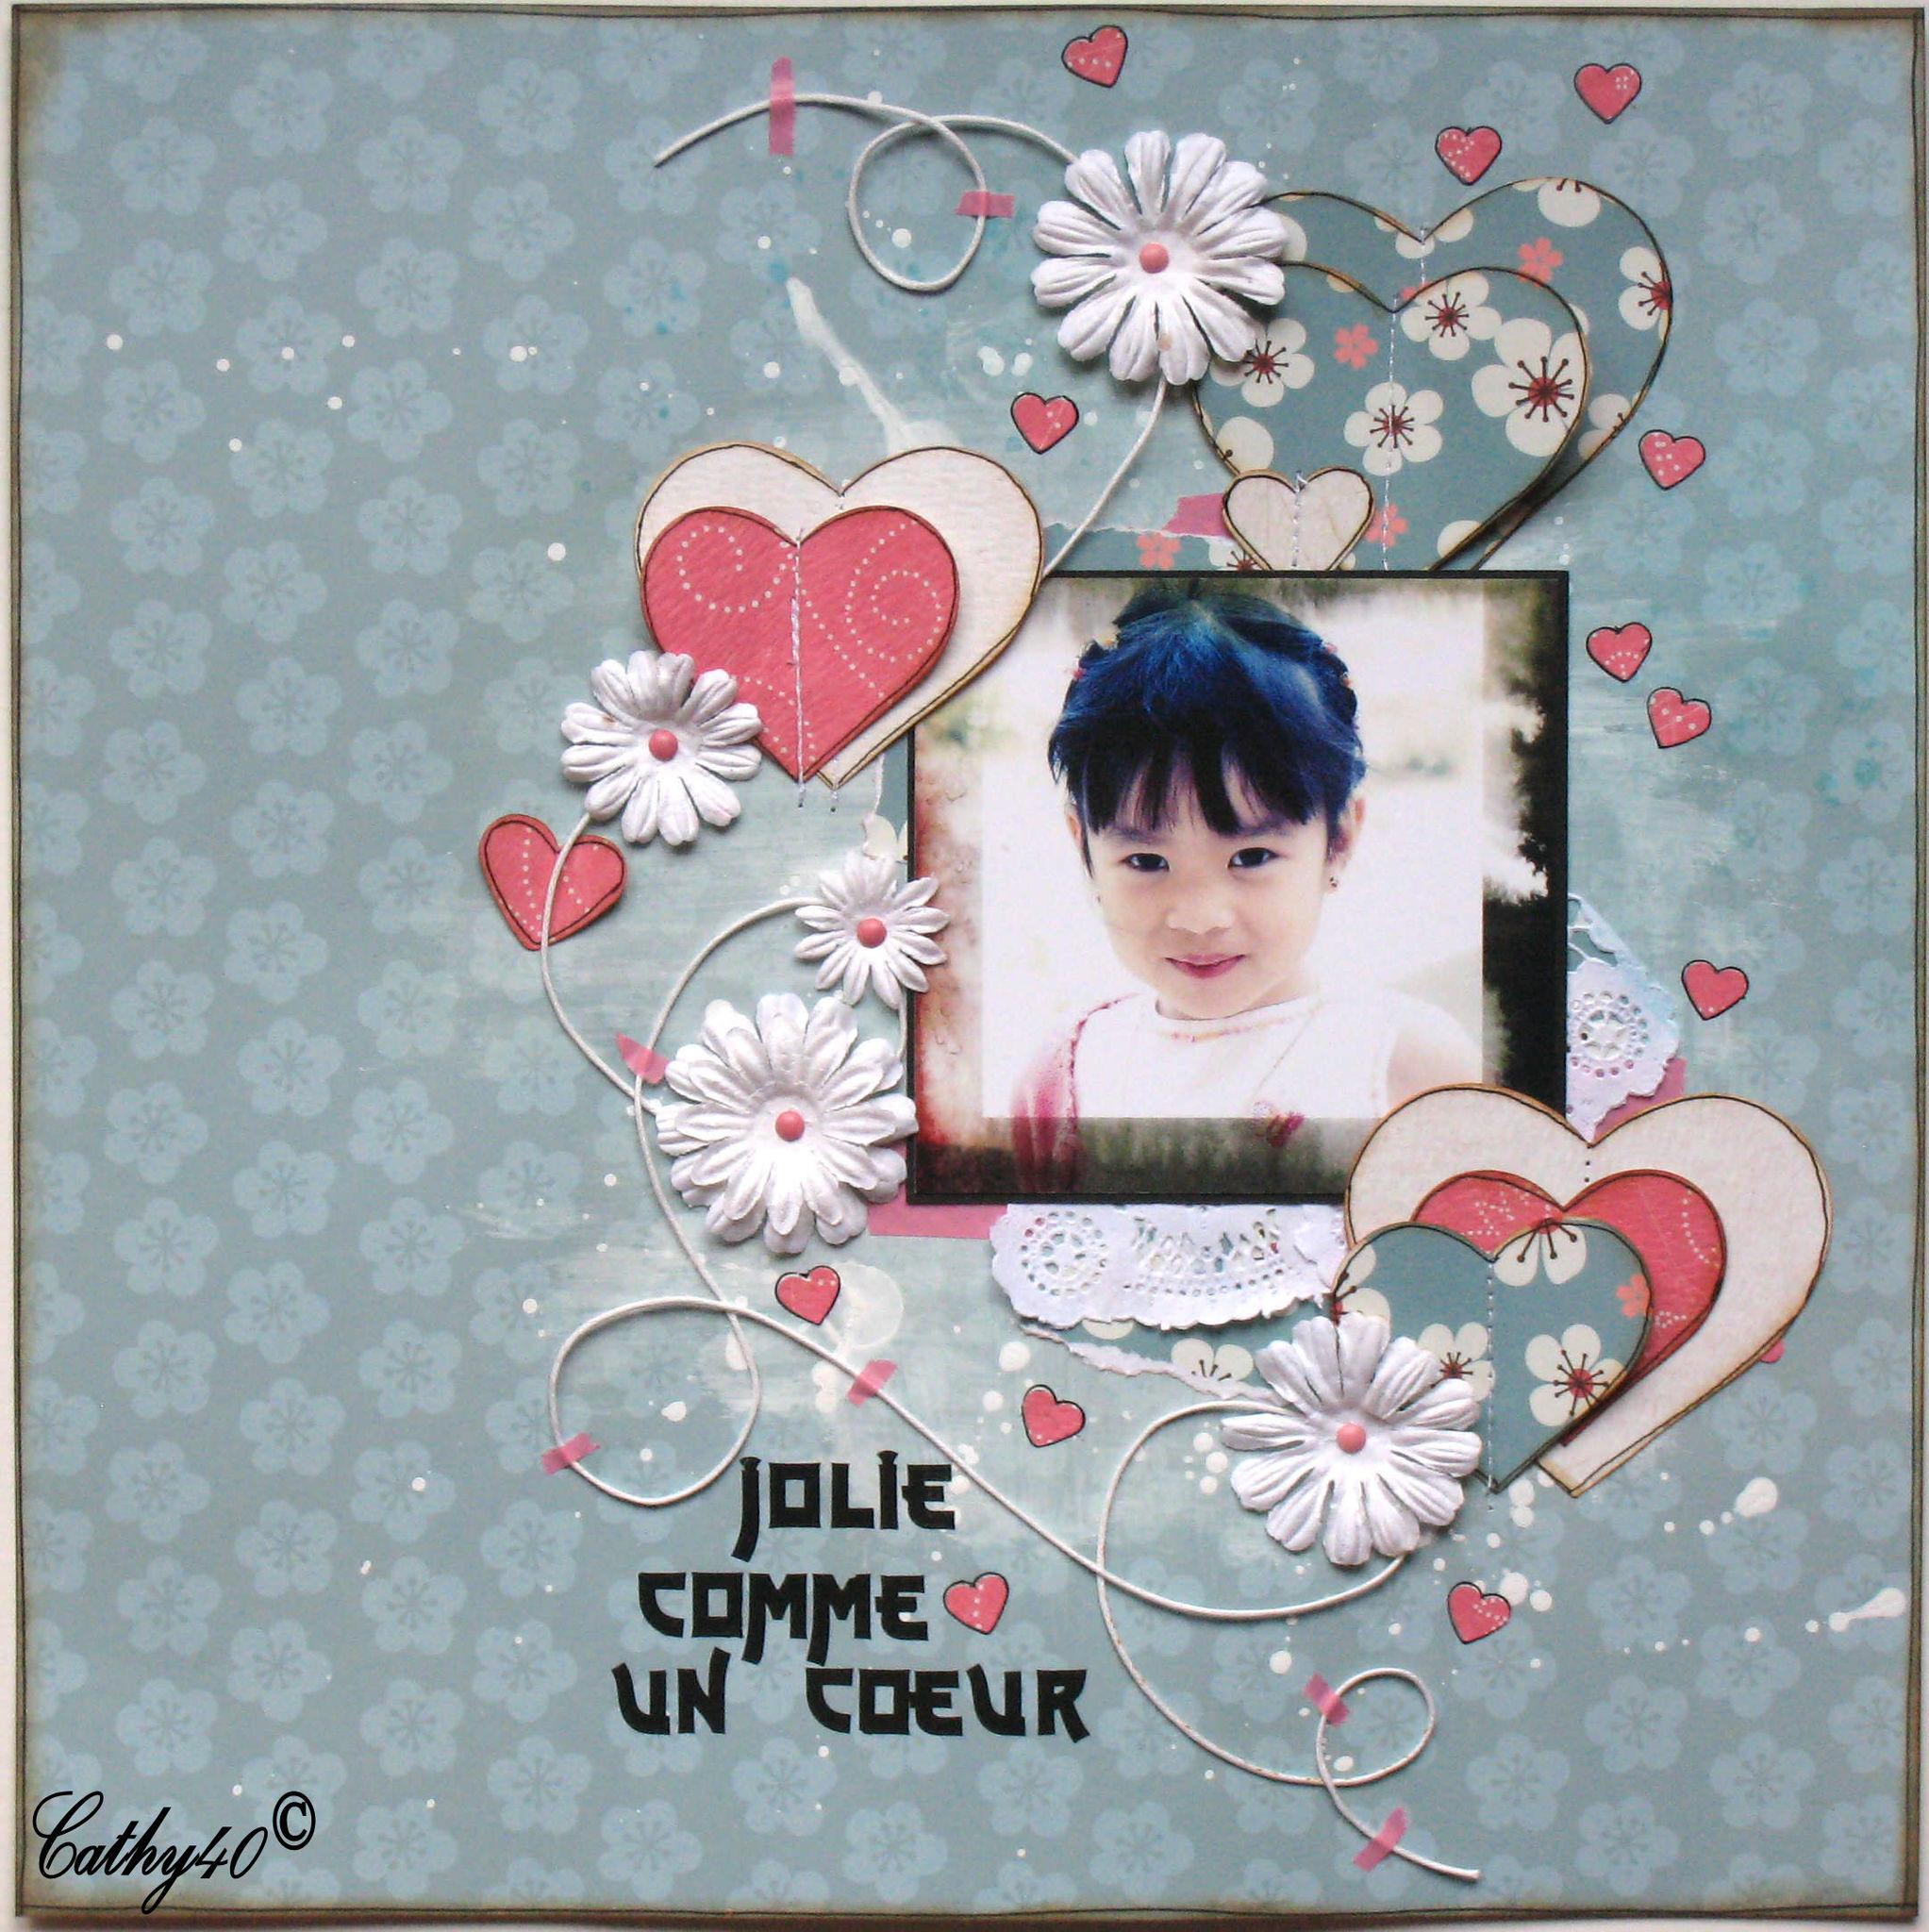 JOLIE COMME UN COEUR